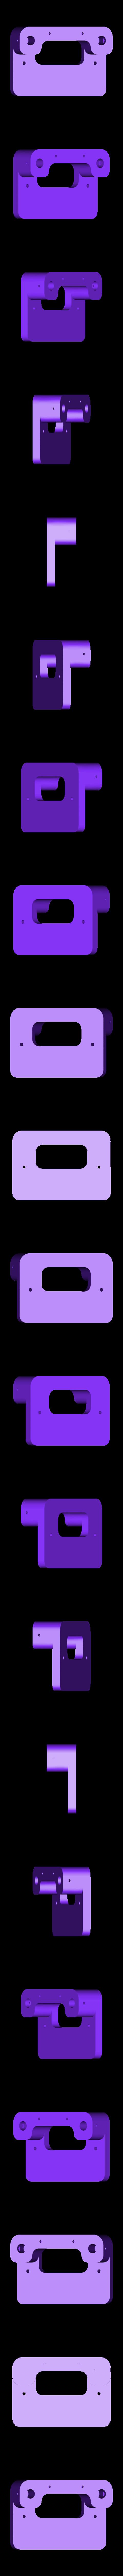 bass_plate_ver2.stl Télécharger fichier STL gratuit 8 pouces Bass Drum Pad Ver.2 • Plan imprimable en 3D, RyoKosaka